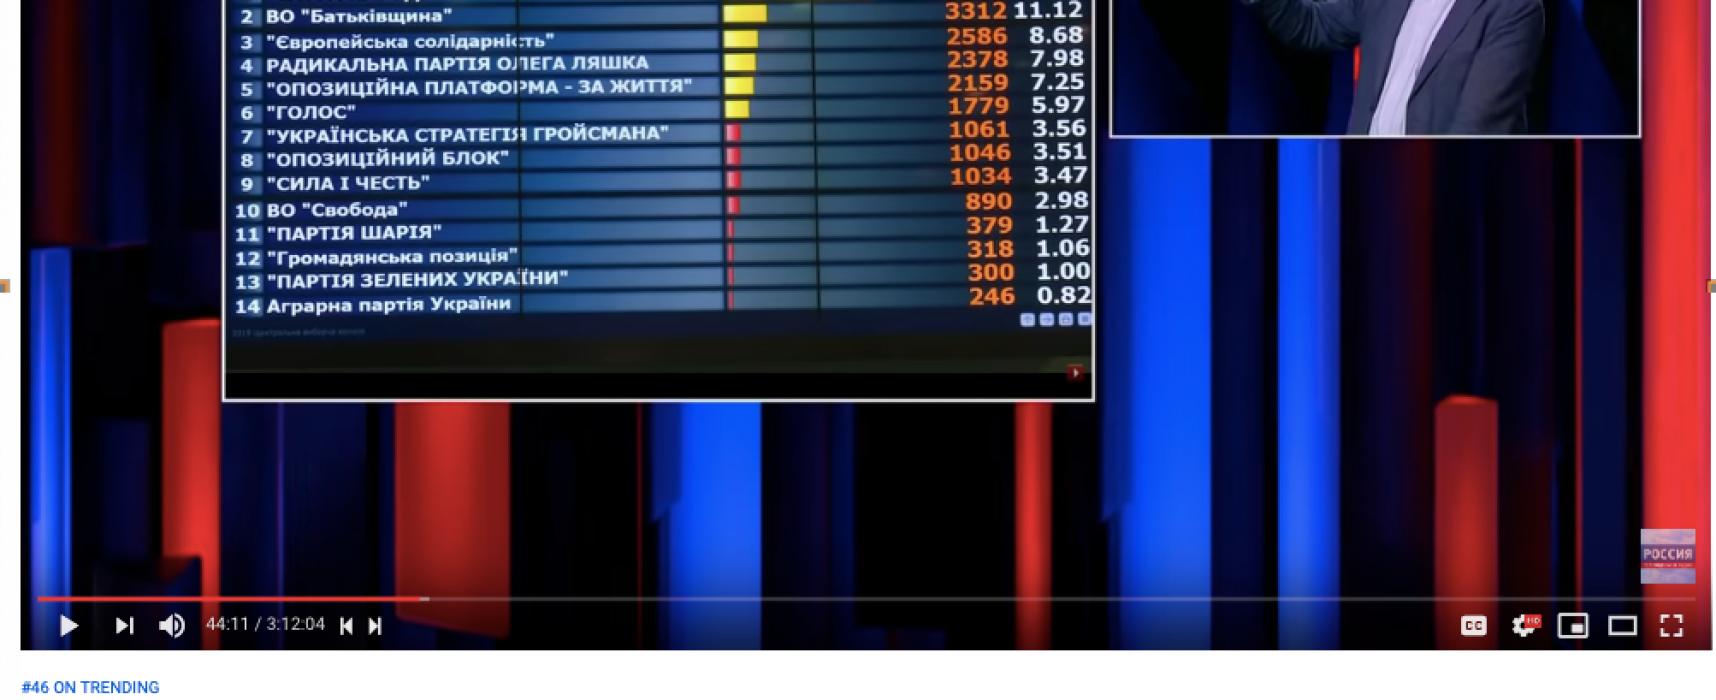 Фейк: Националисты прошли в новый парламент в Украине